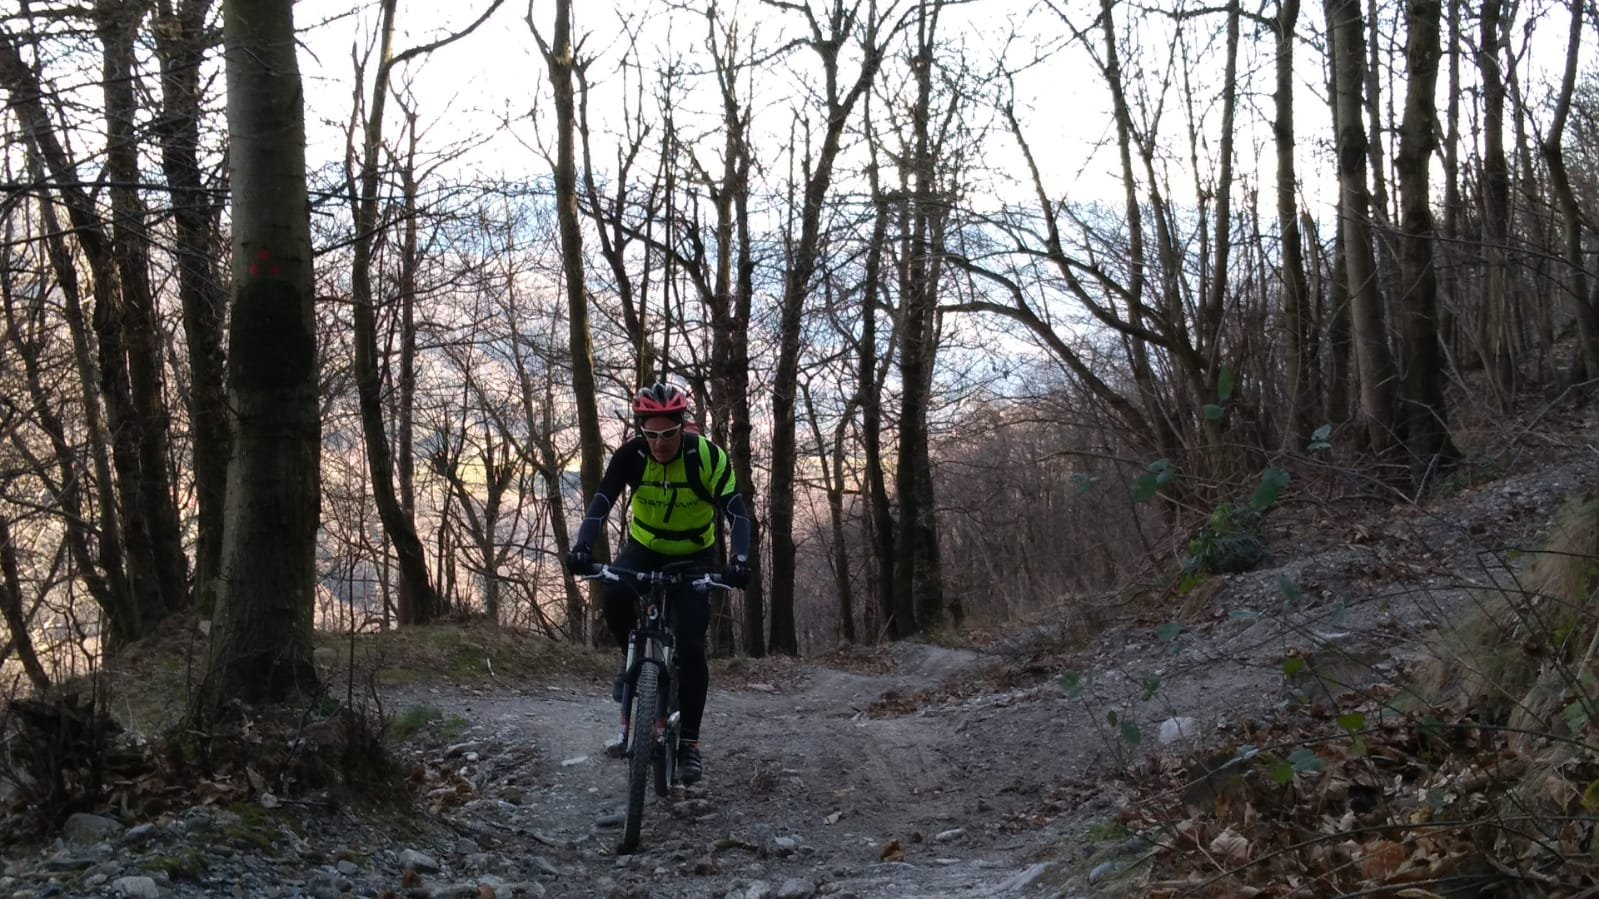 Vittoria (Santuario della) da Pontedecimo, giro dell'Alta Valpolcevera per Costagiutta 2018-01-04